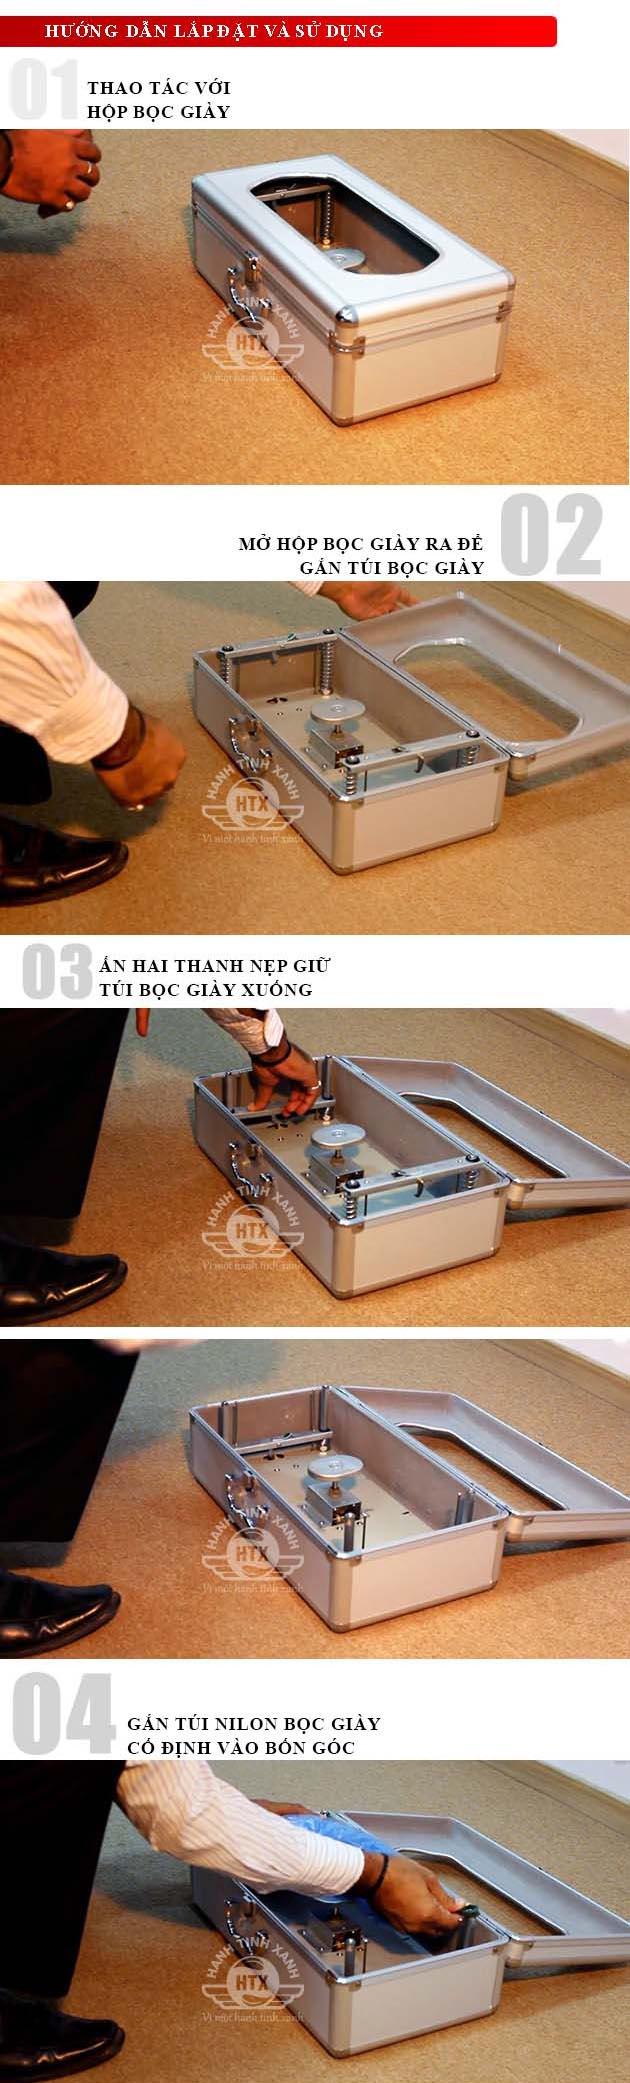 Sử dụng hộp bọc giày